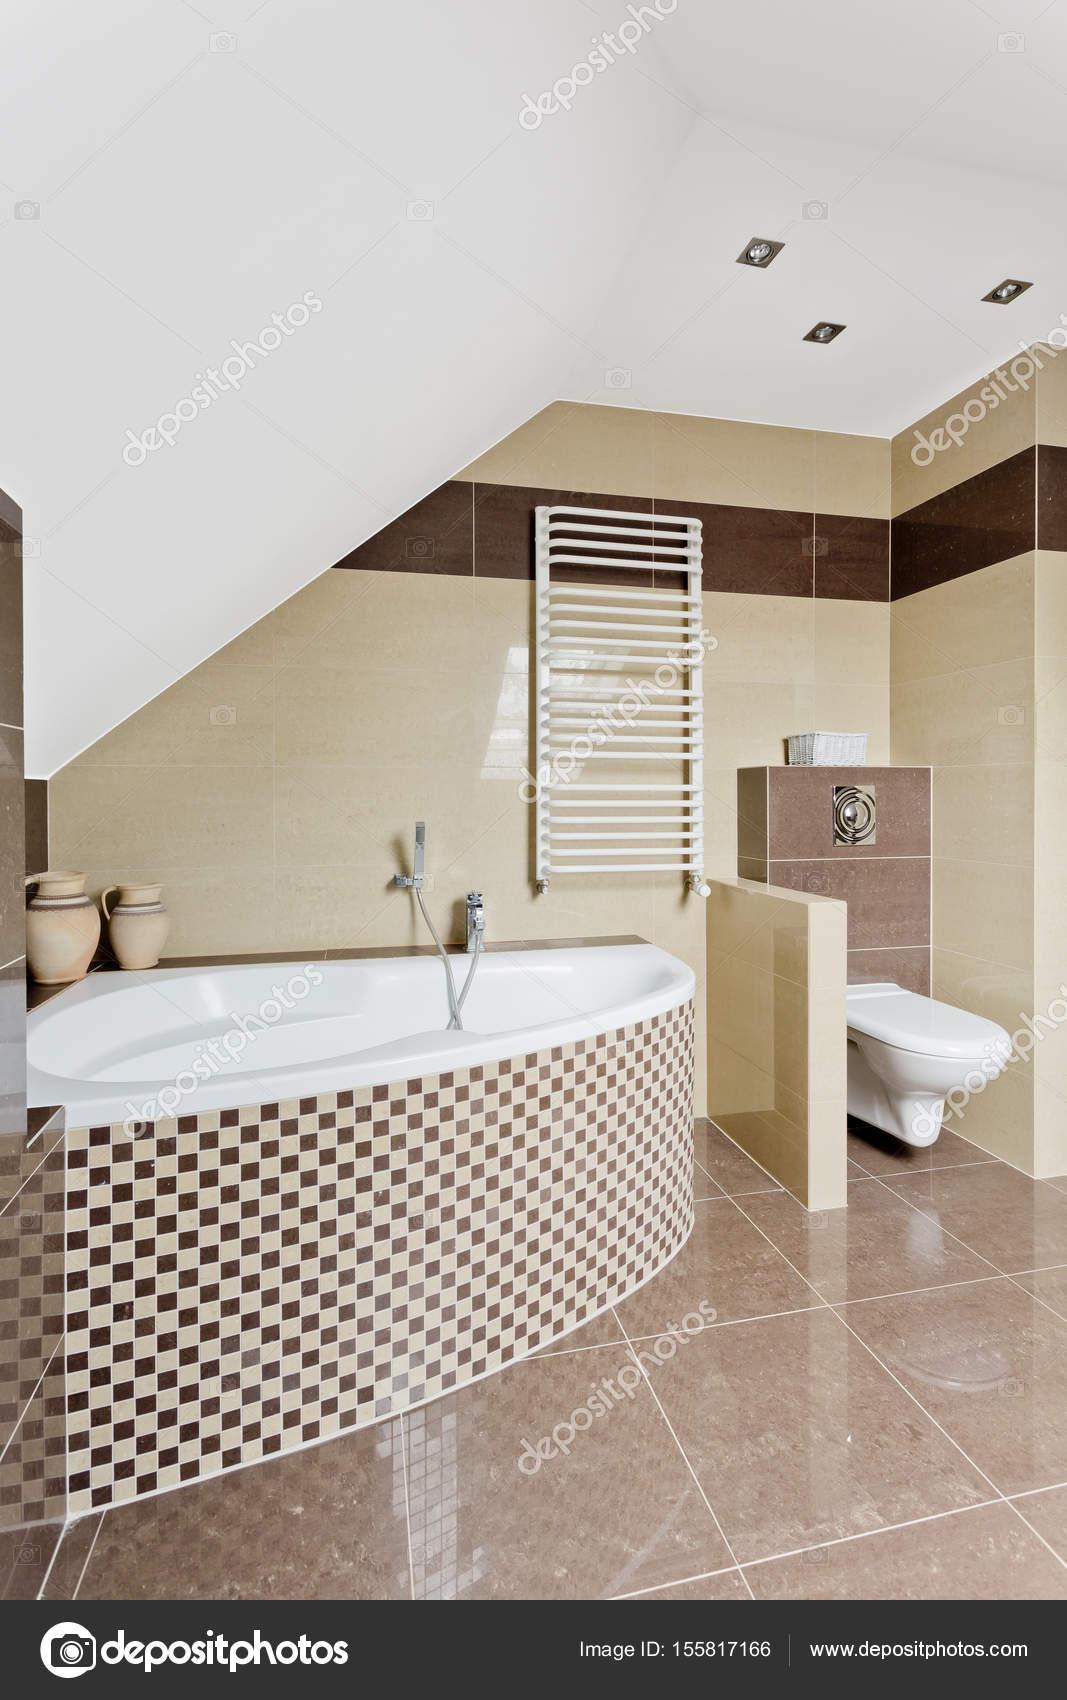 Bagni beige e marrone free concept with bagni beige e marrone nuovo bagno nei colori marroni - Bagno marrone e beige ...